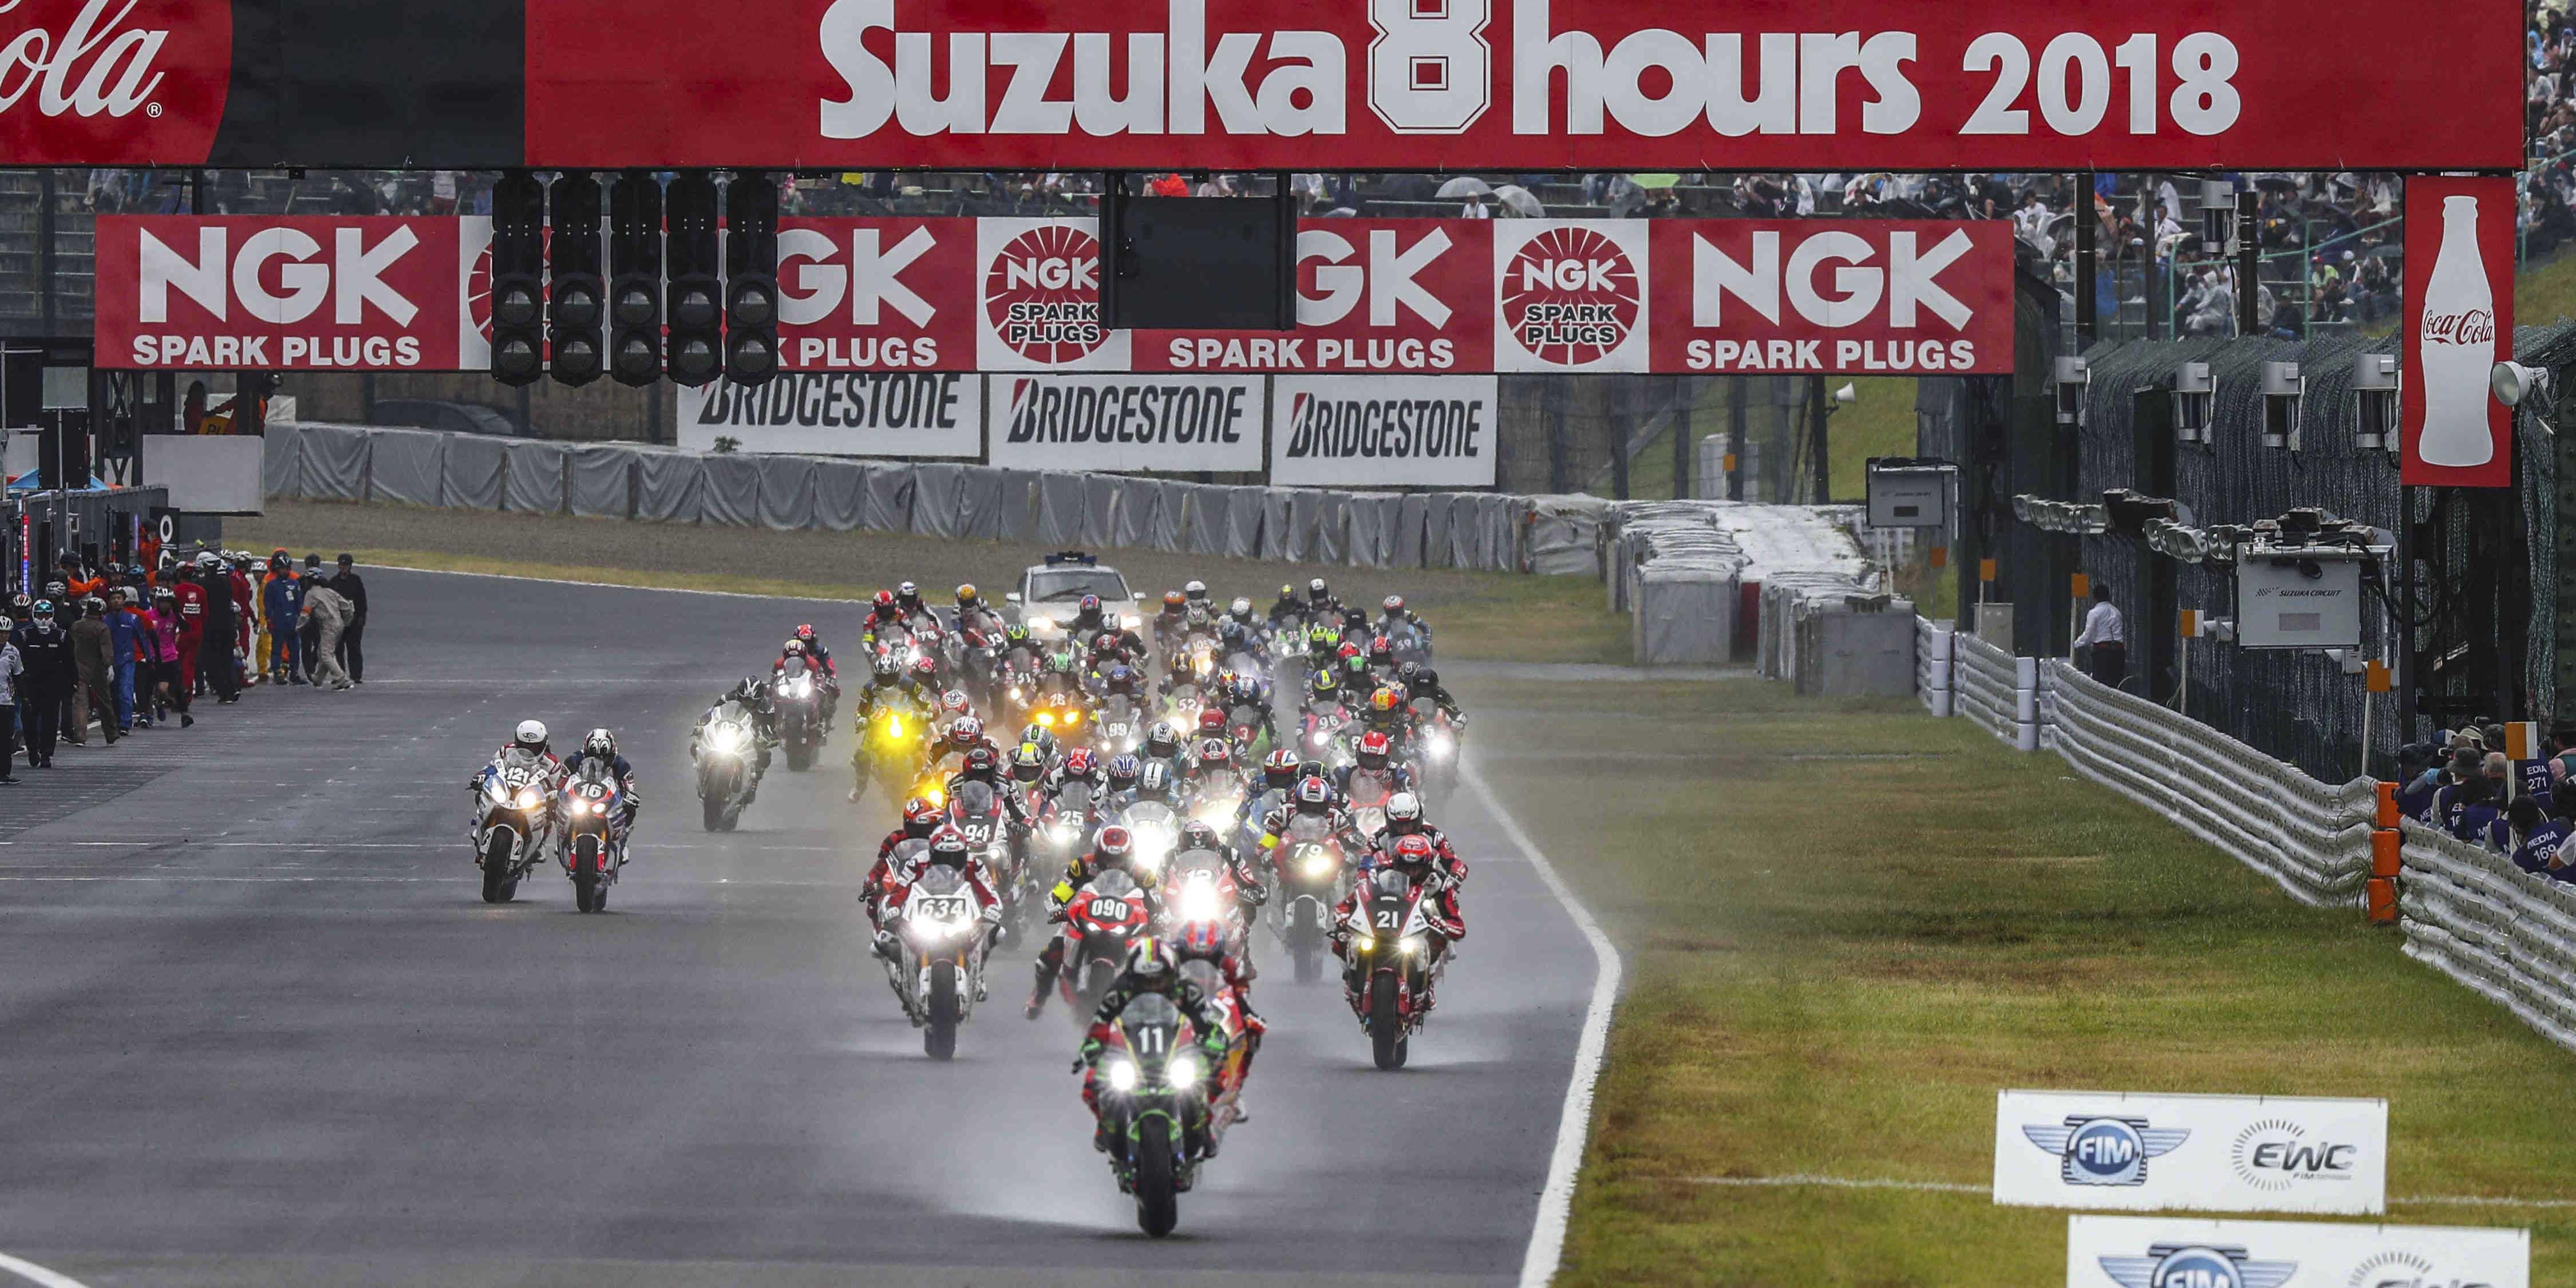 Kawasaki Team Greenとヤマハ・ファクトリーが激しい首位争い